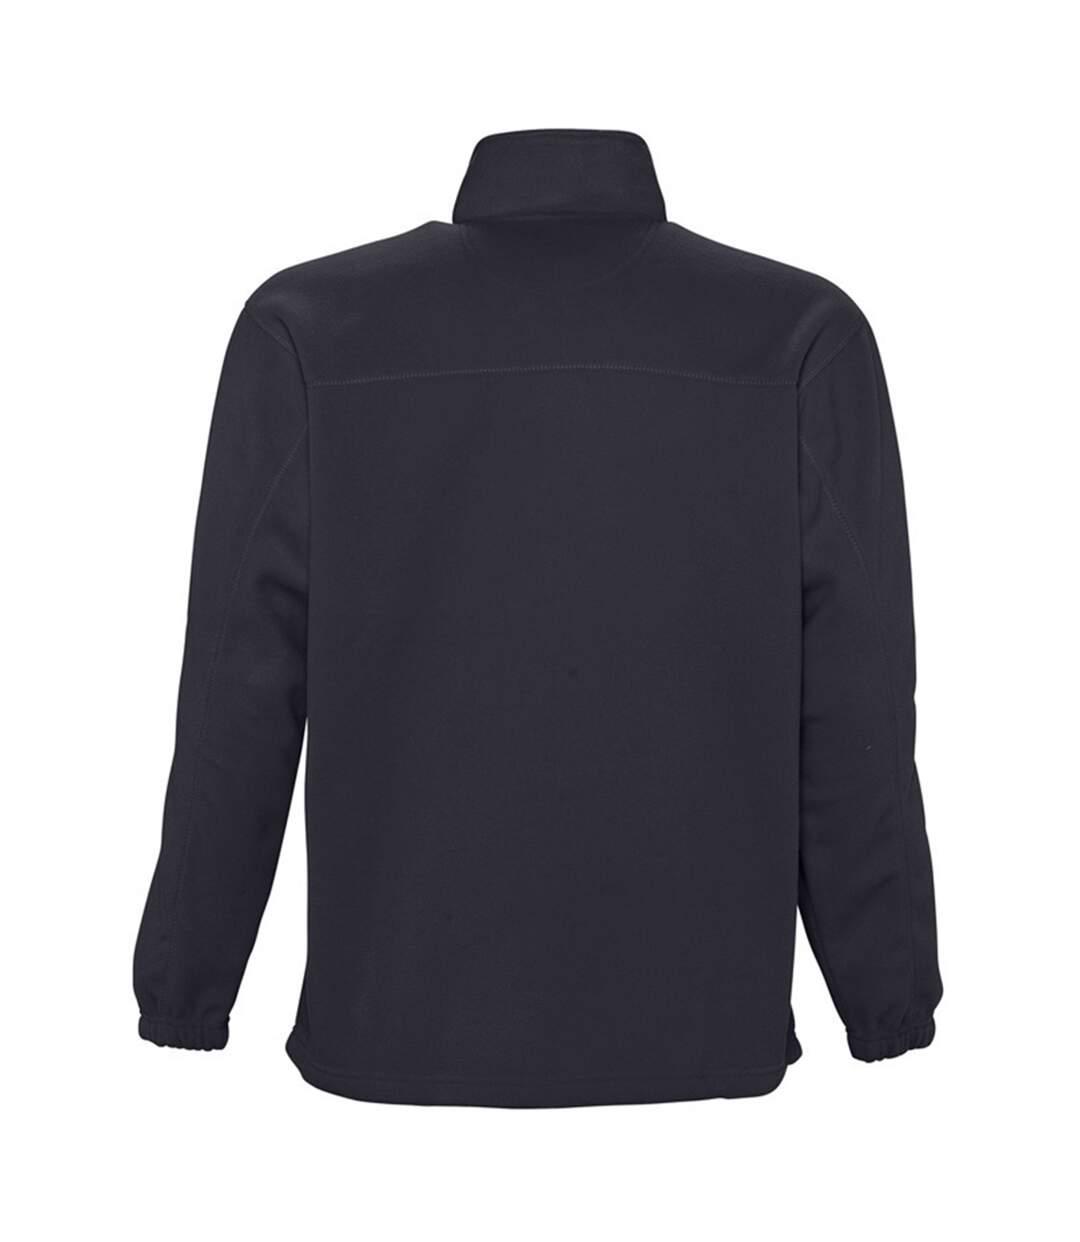 SOLS Ness Unisex Zip Neck Anti-Pill Fleece Top (Charcoal) - UTPC345